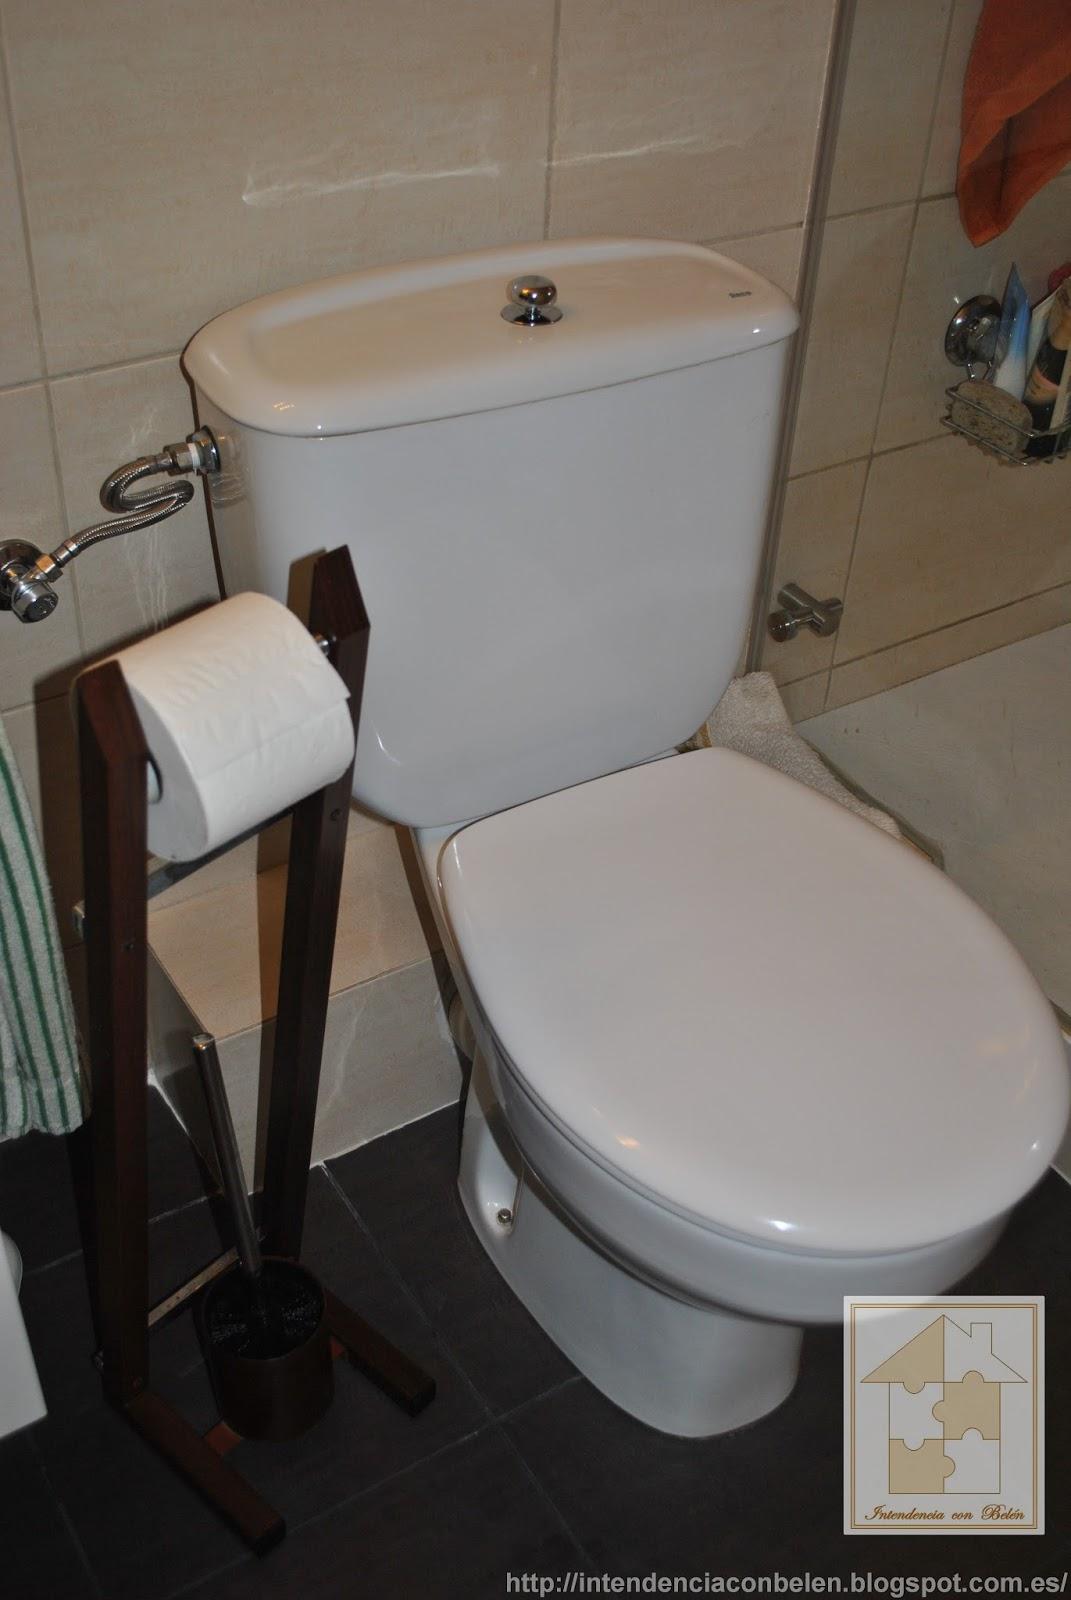 Intendencia con bel n limpiar la cal de nuestro wc - Limpiar tuberias de cal ...